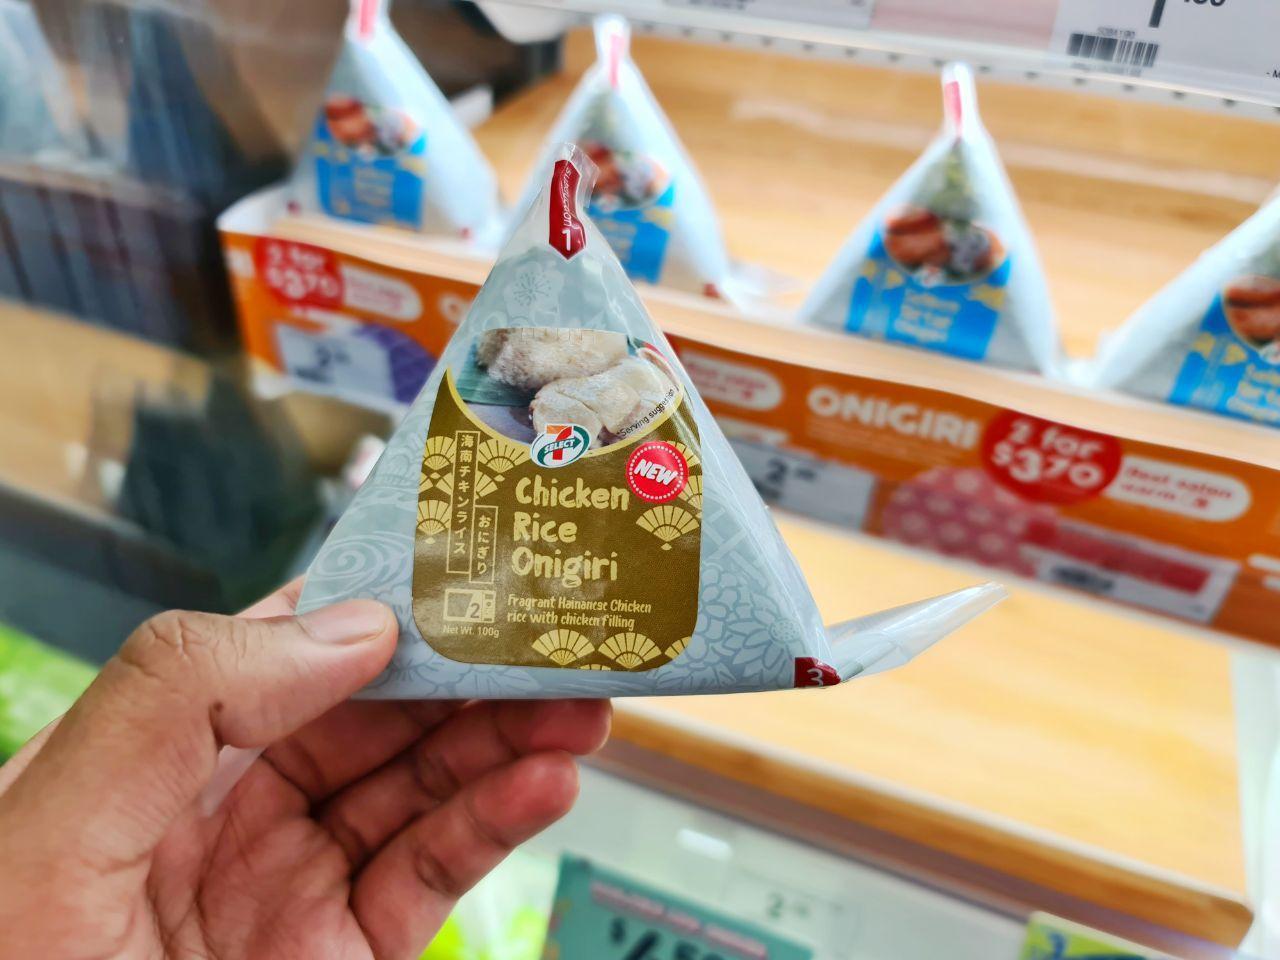 7-Eleven Chicken Rice Onigiri